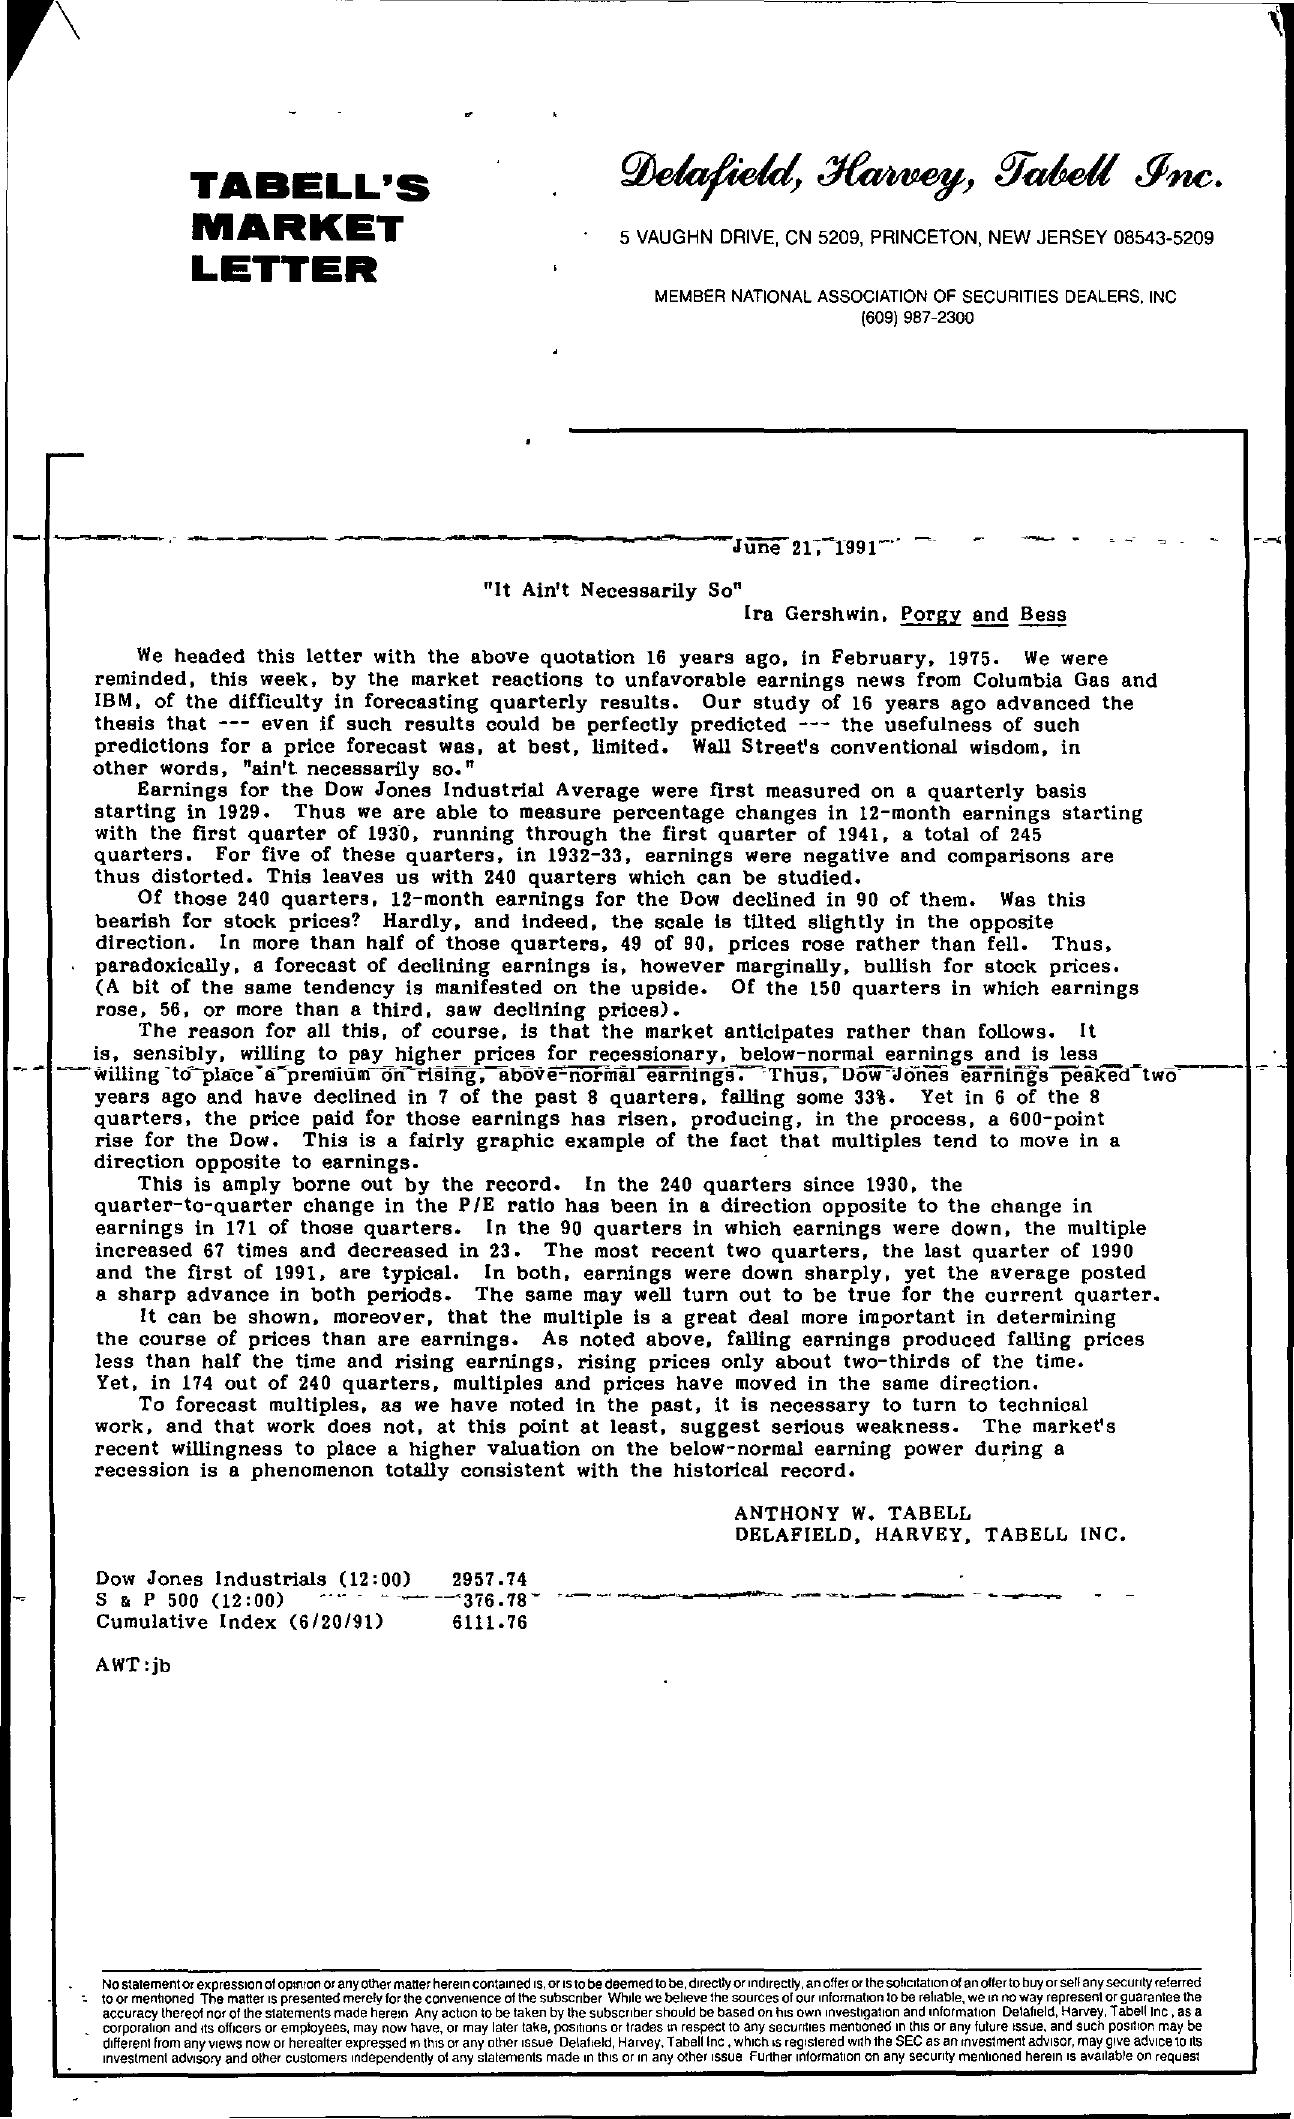 Tabell's Market Letter - June 21, 1991